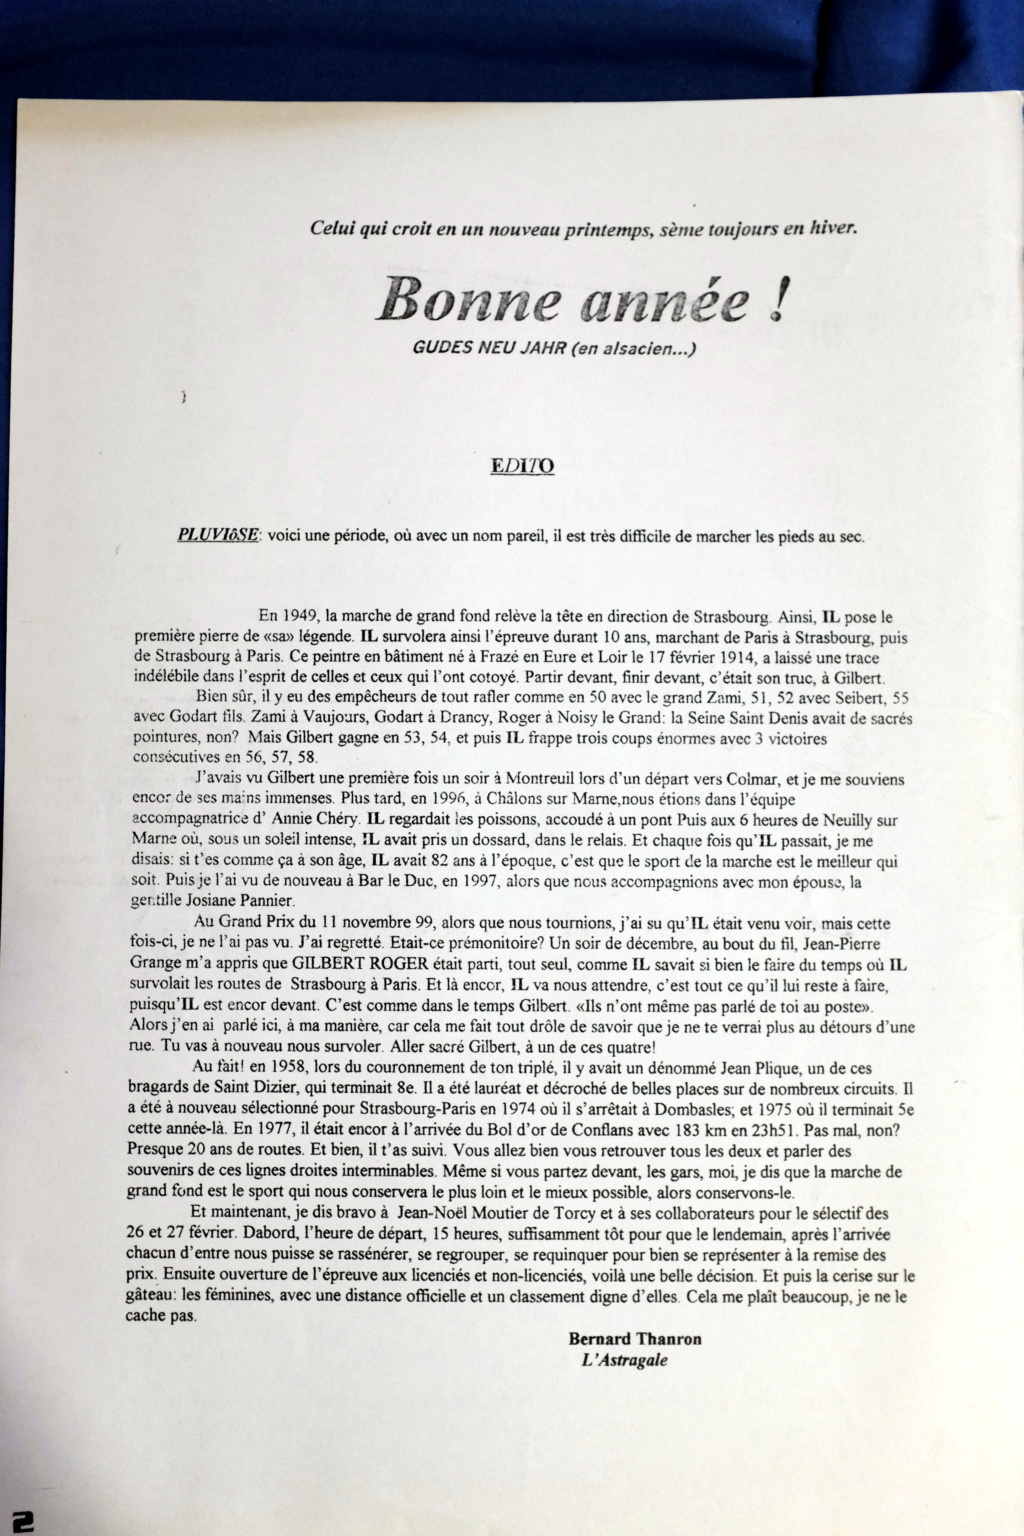 Le KM520 et ses éditos 1998-2009 - Page 2 Dscf0452